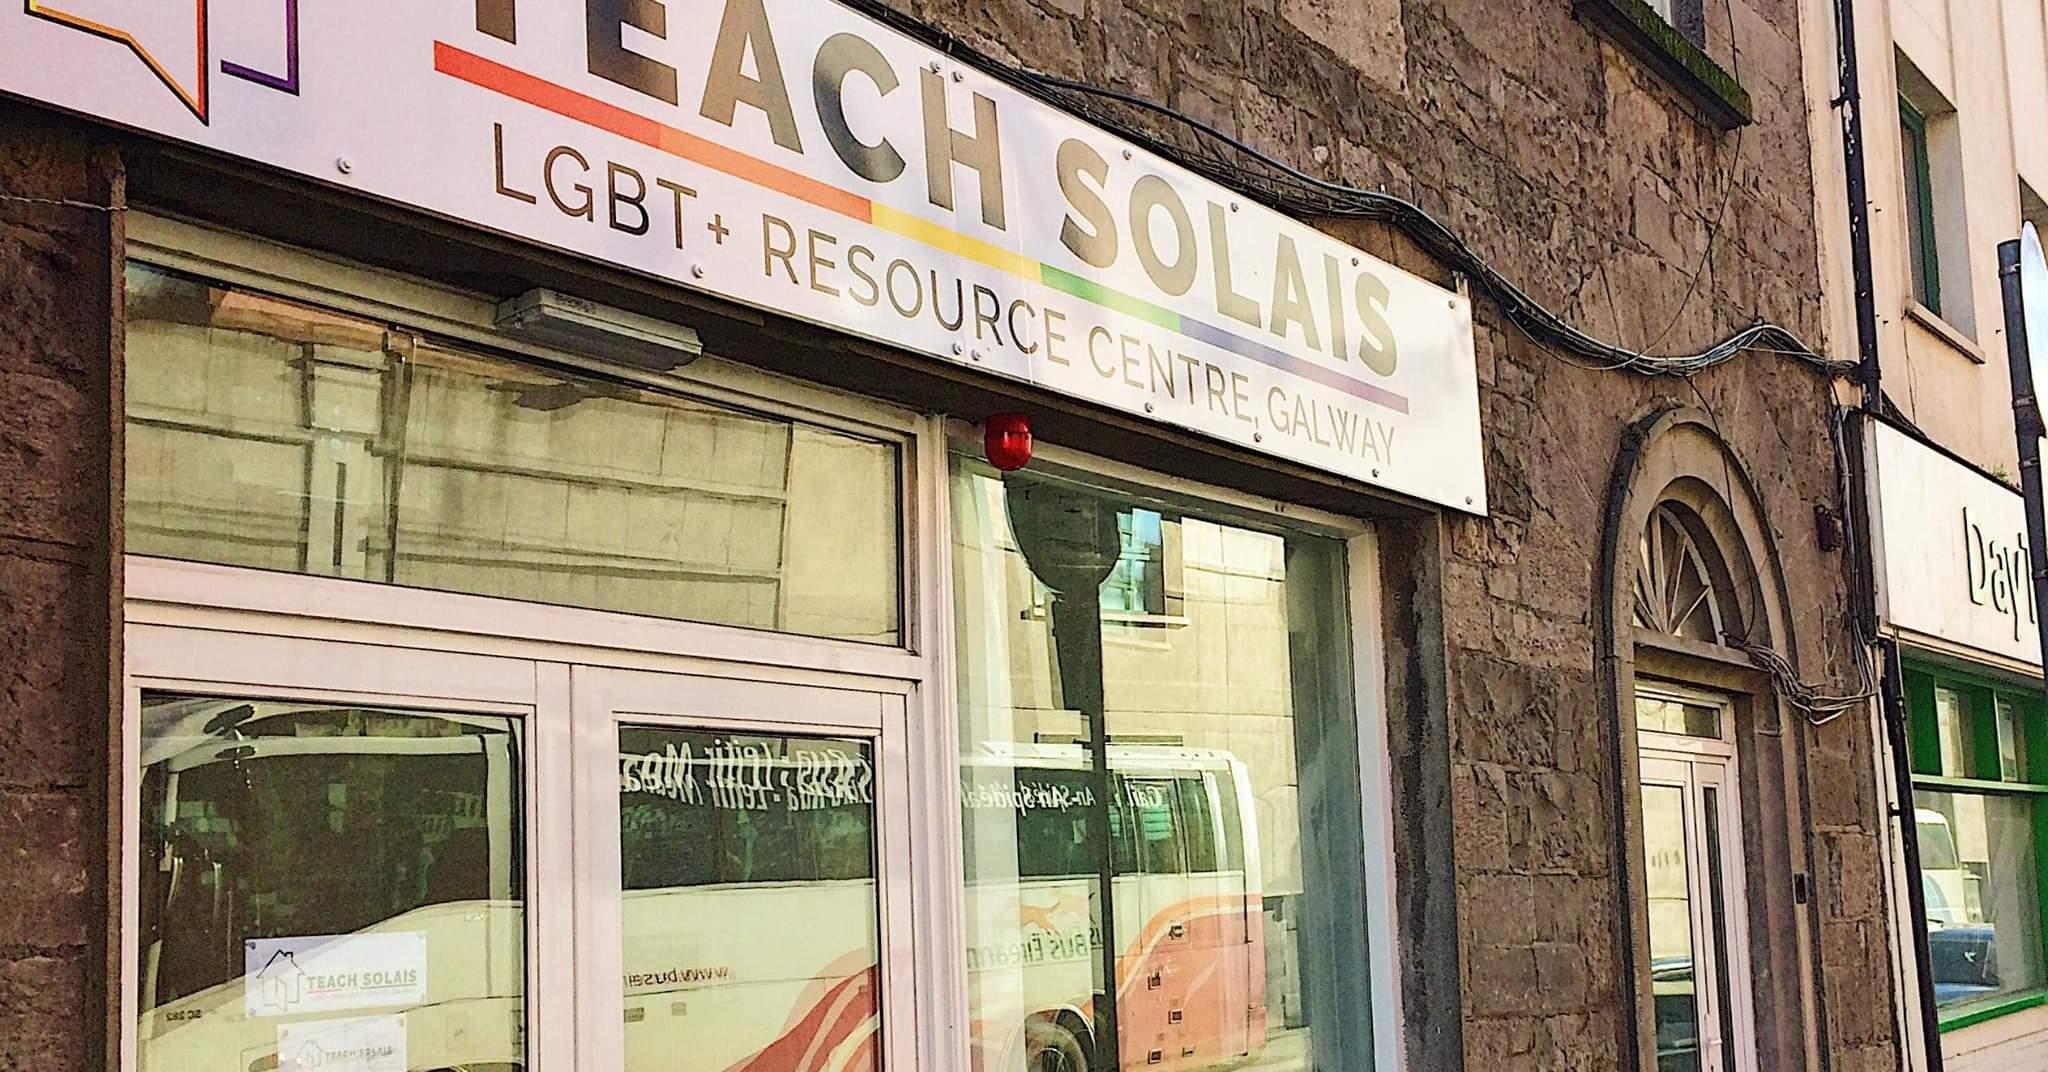 teach solais galway